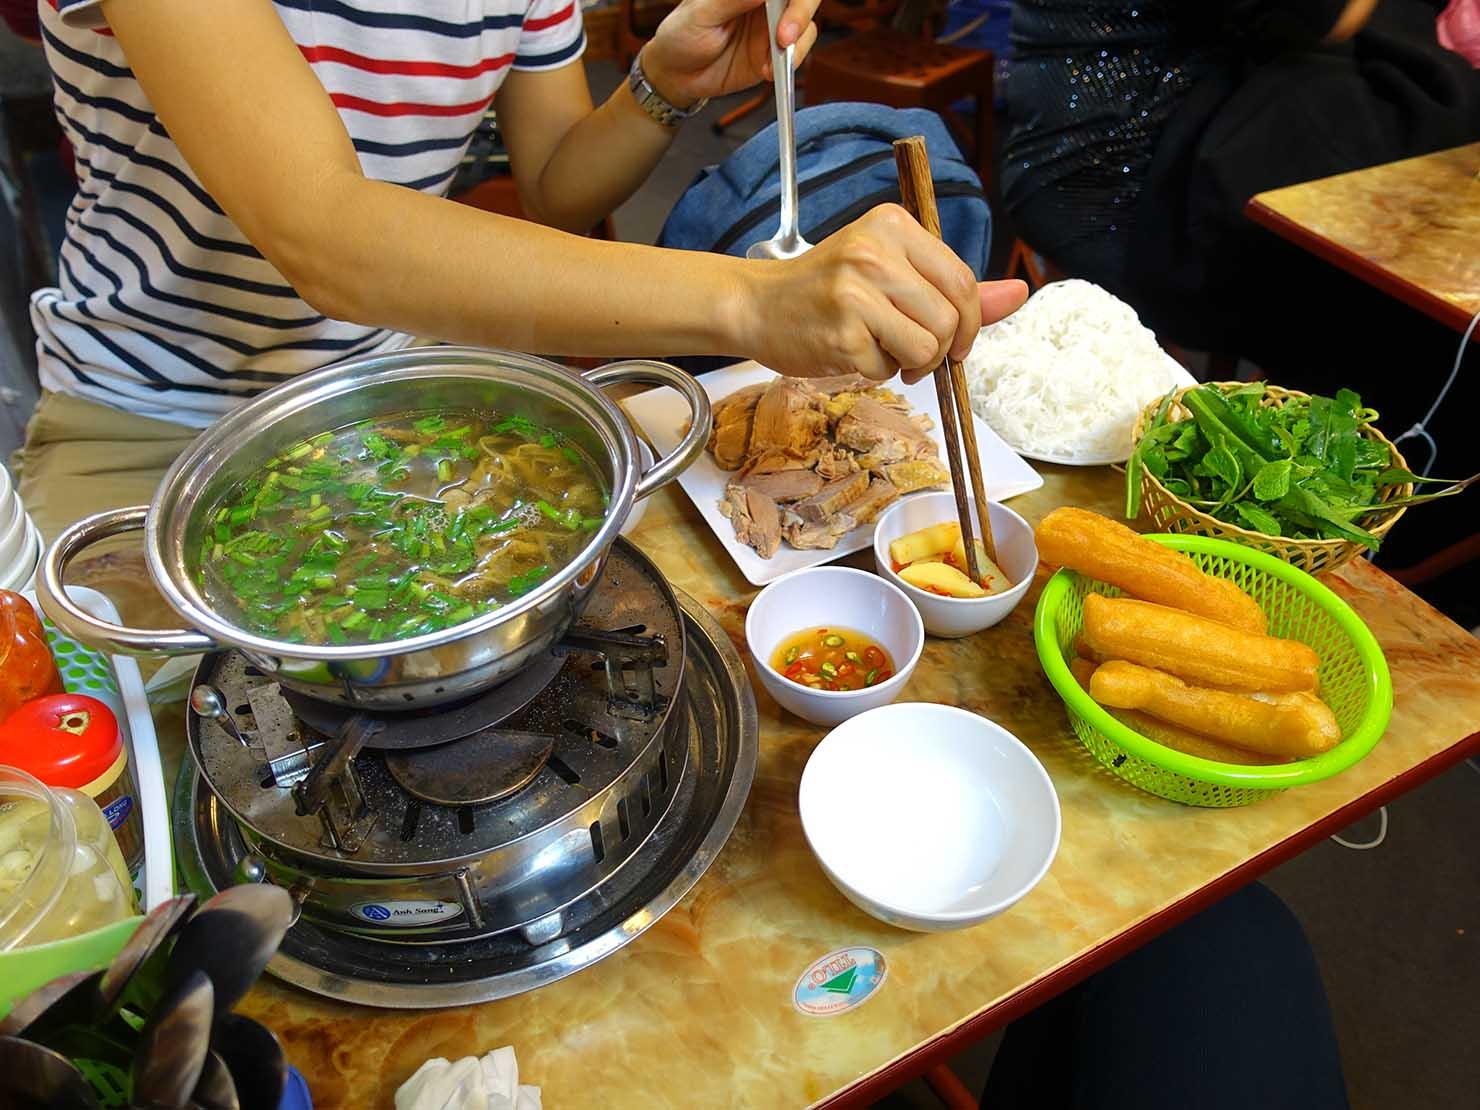 ベトナム・ハノイ旧市街のローカルグルメ店でいただいた麺料理